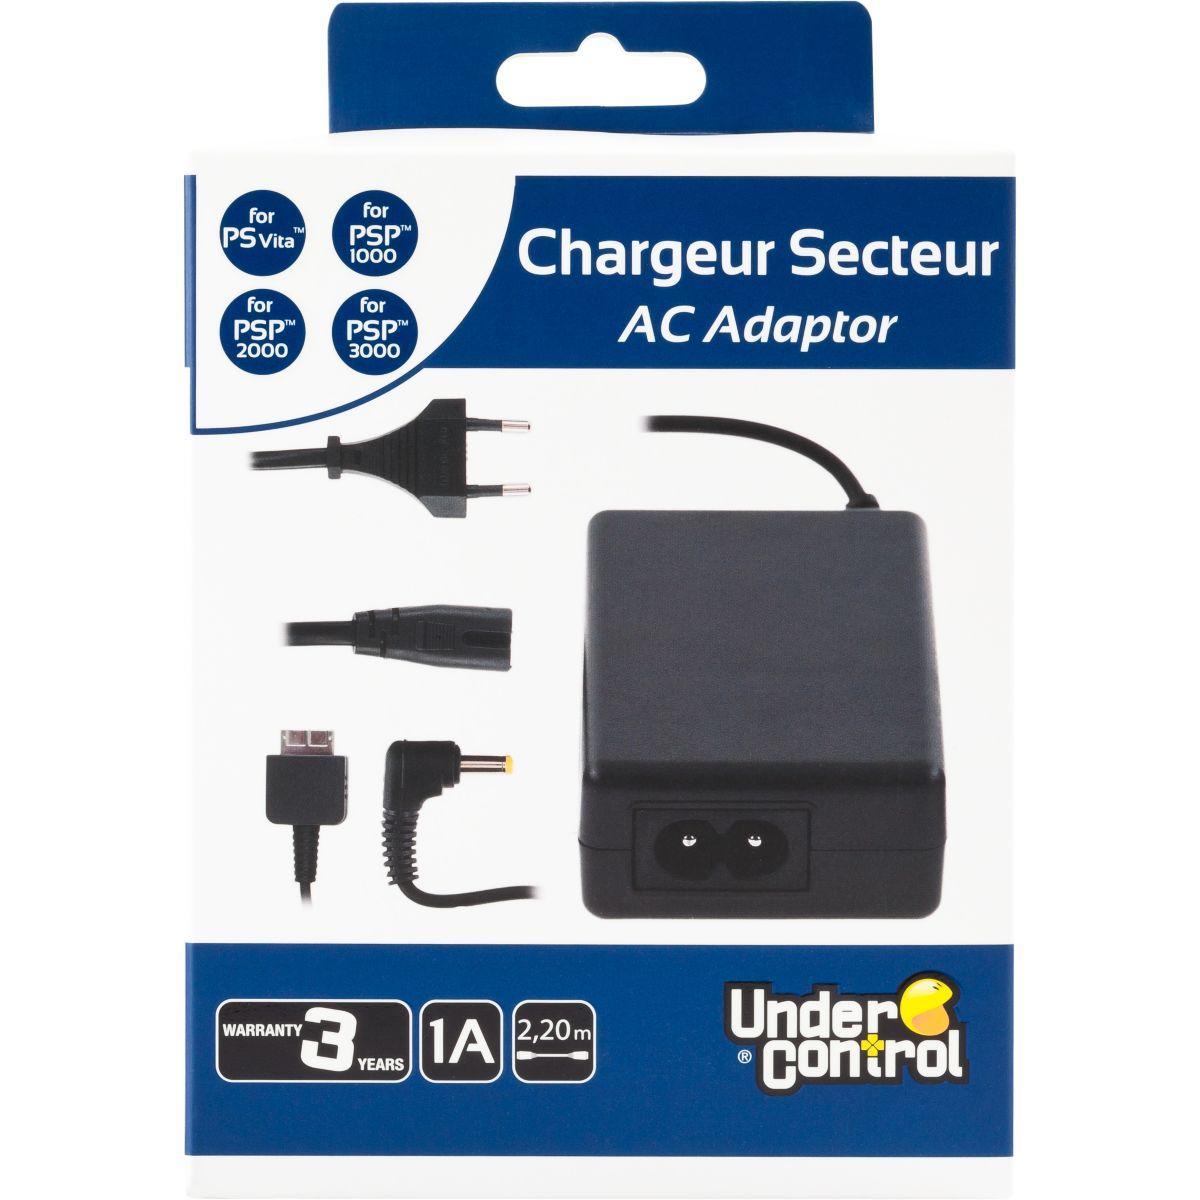 Chargeur under control chargeur ps vita - psp - 2% de remise imm�diate avec le code : deal2 (photo)